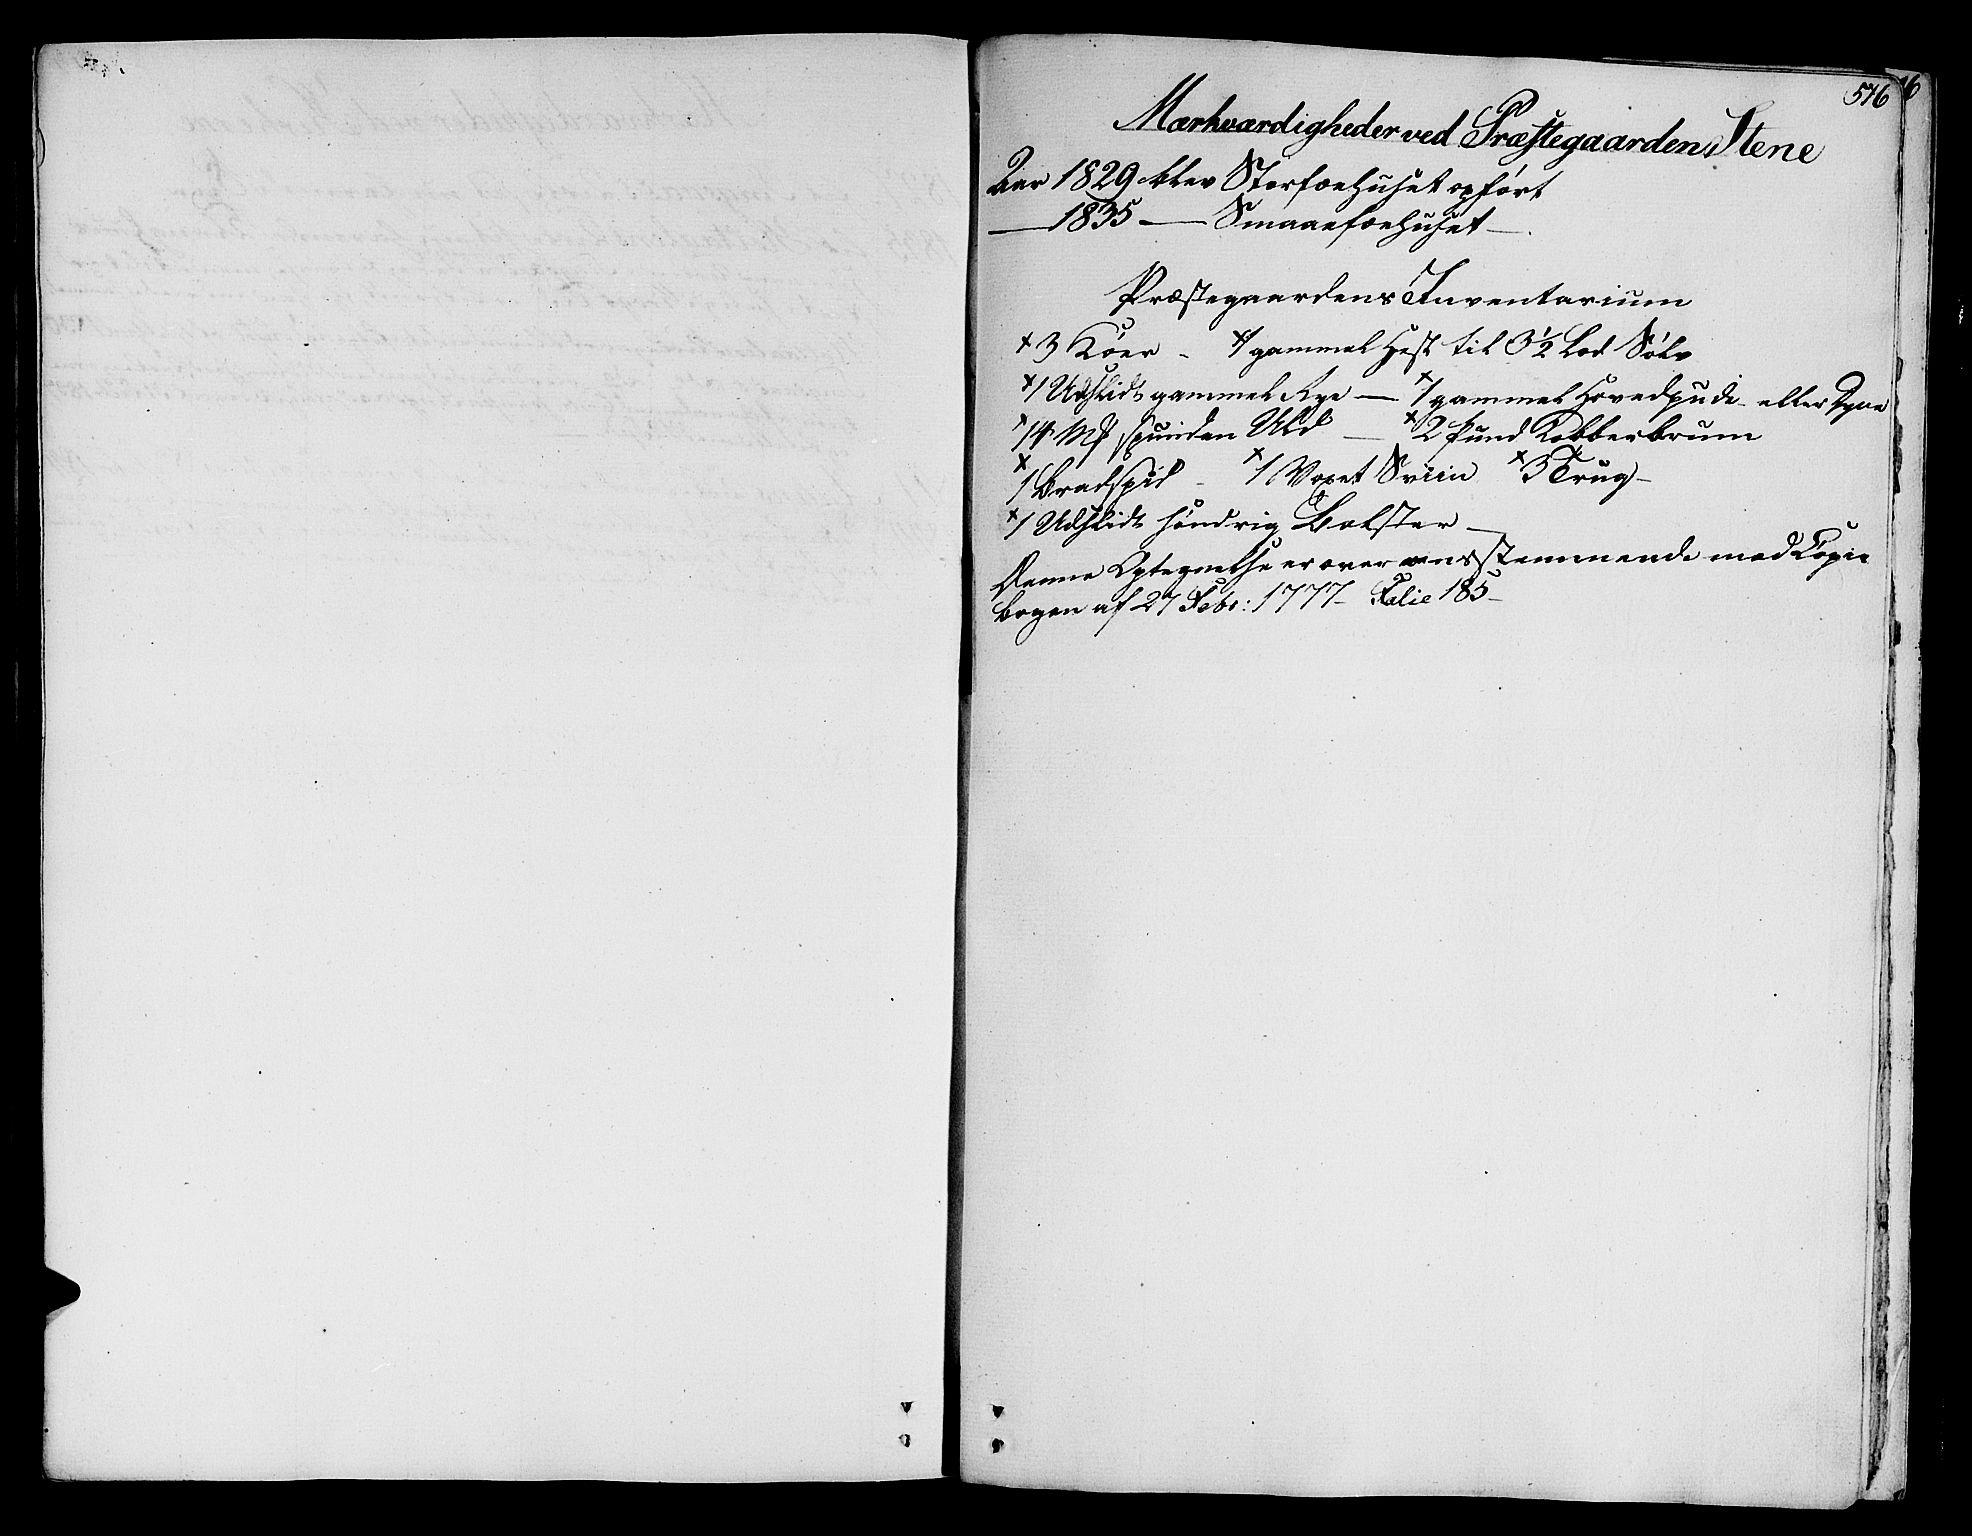 SAT, Ministerialprotokoller, klokkerbøker og fødselsregistre - Sør-Trøndelag, 685/L0960: Ministerialbok nr. 685A05 /1, 1829-1845, s. 516